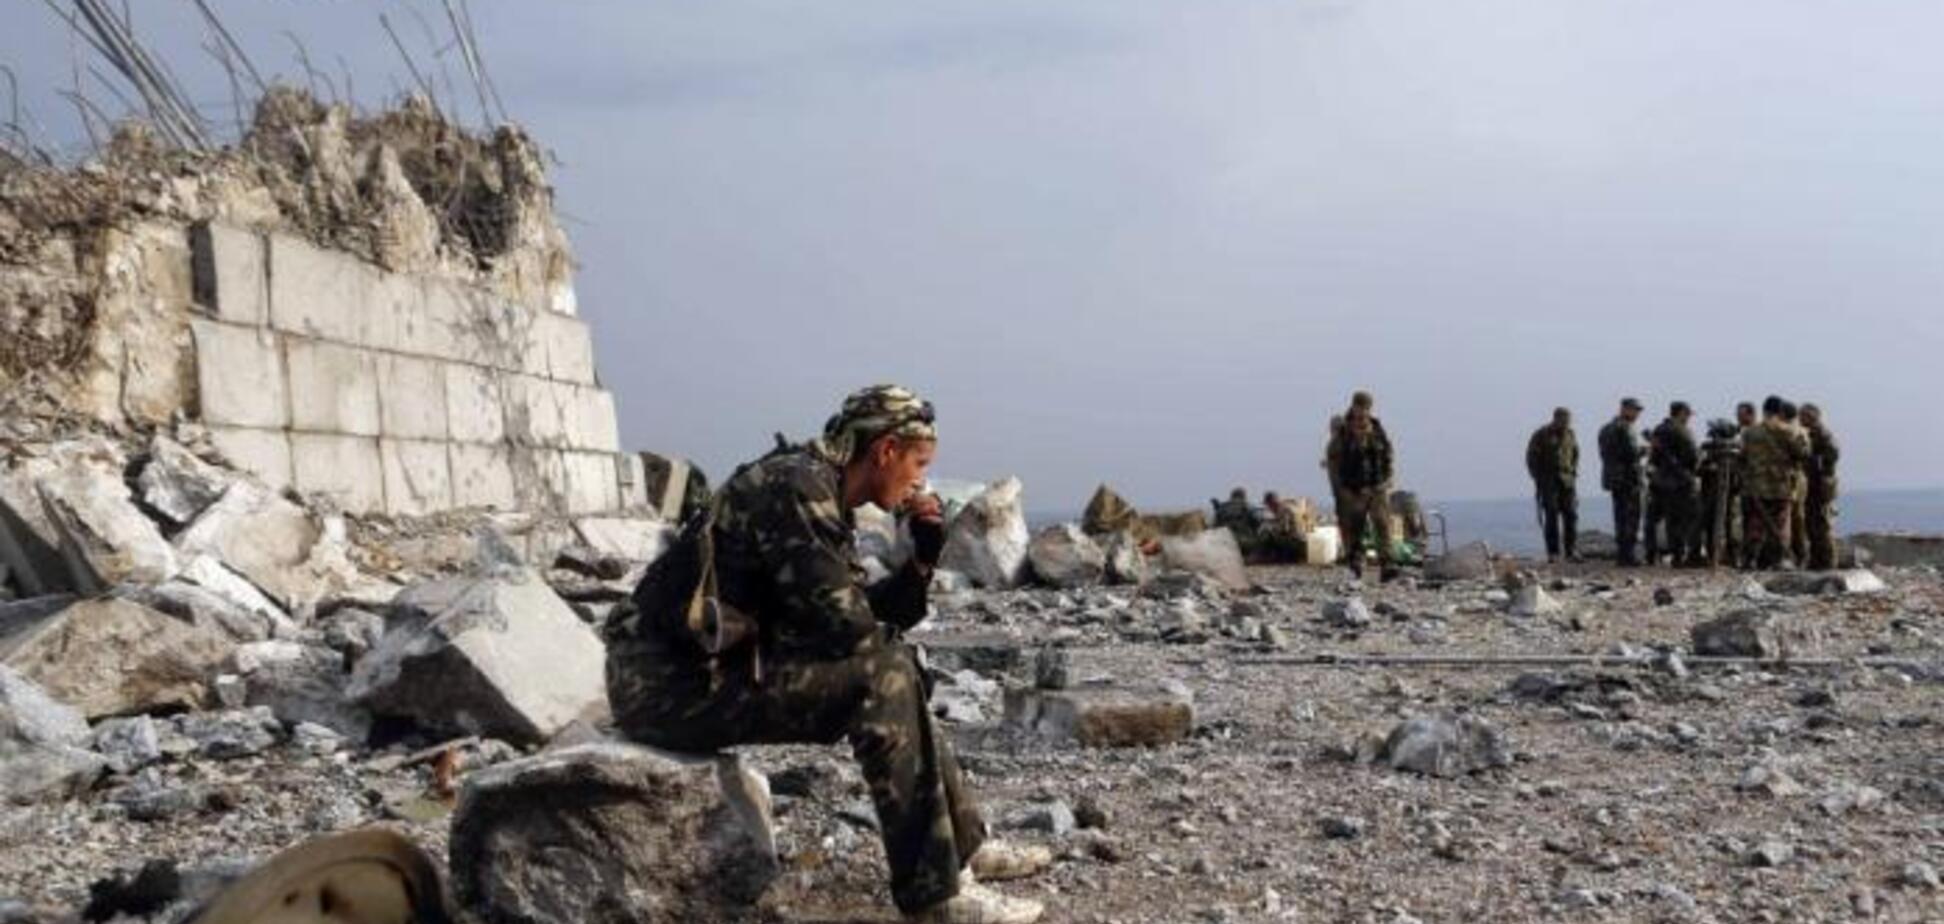 Ликвидированы! Россия понесла серьезные потери на Донбассе